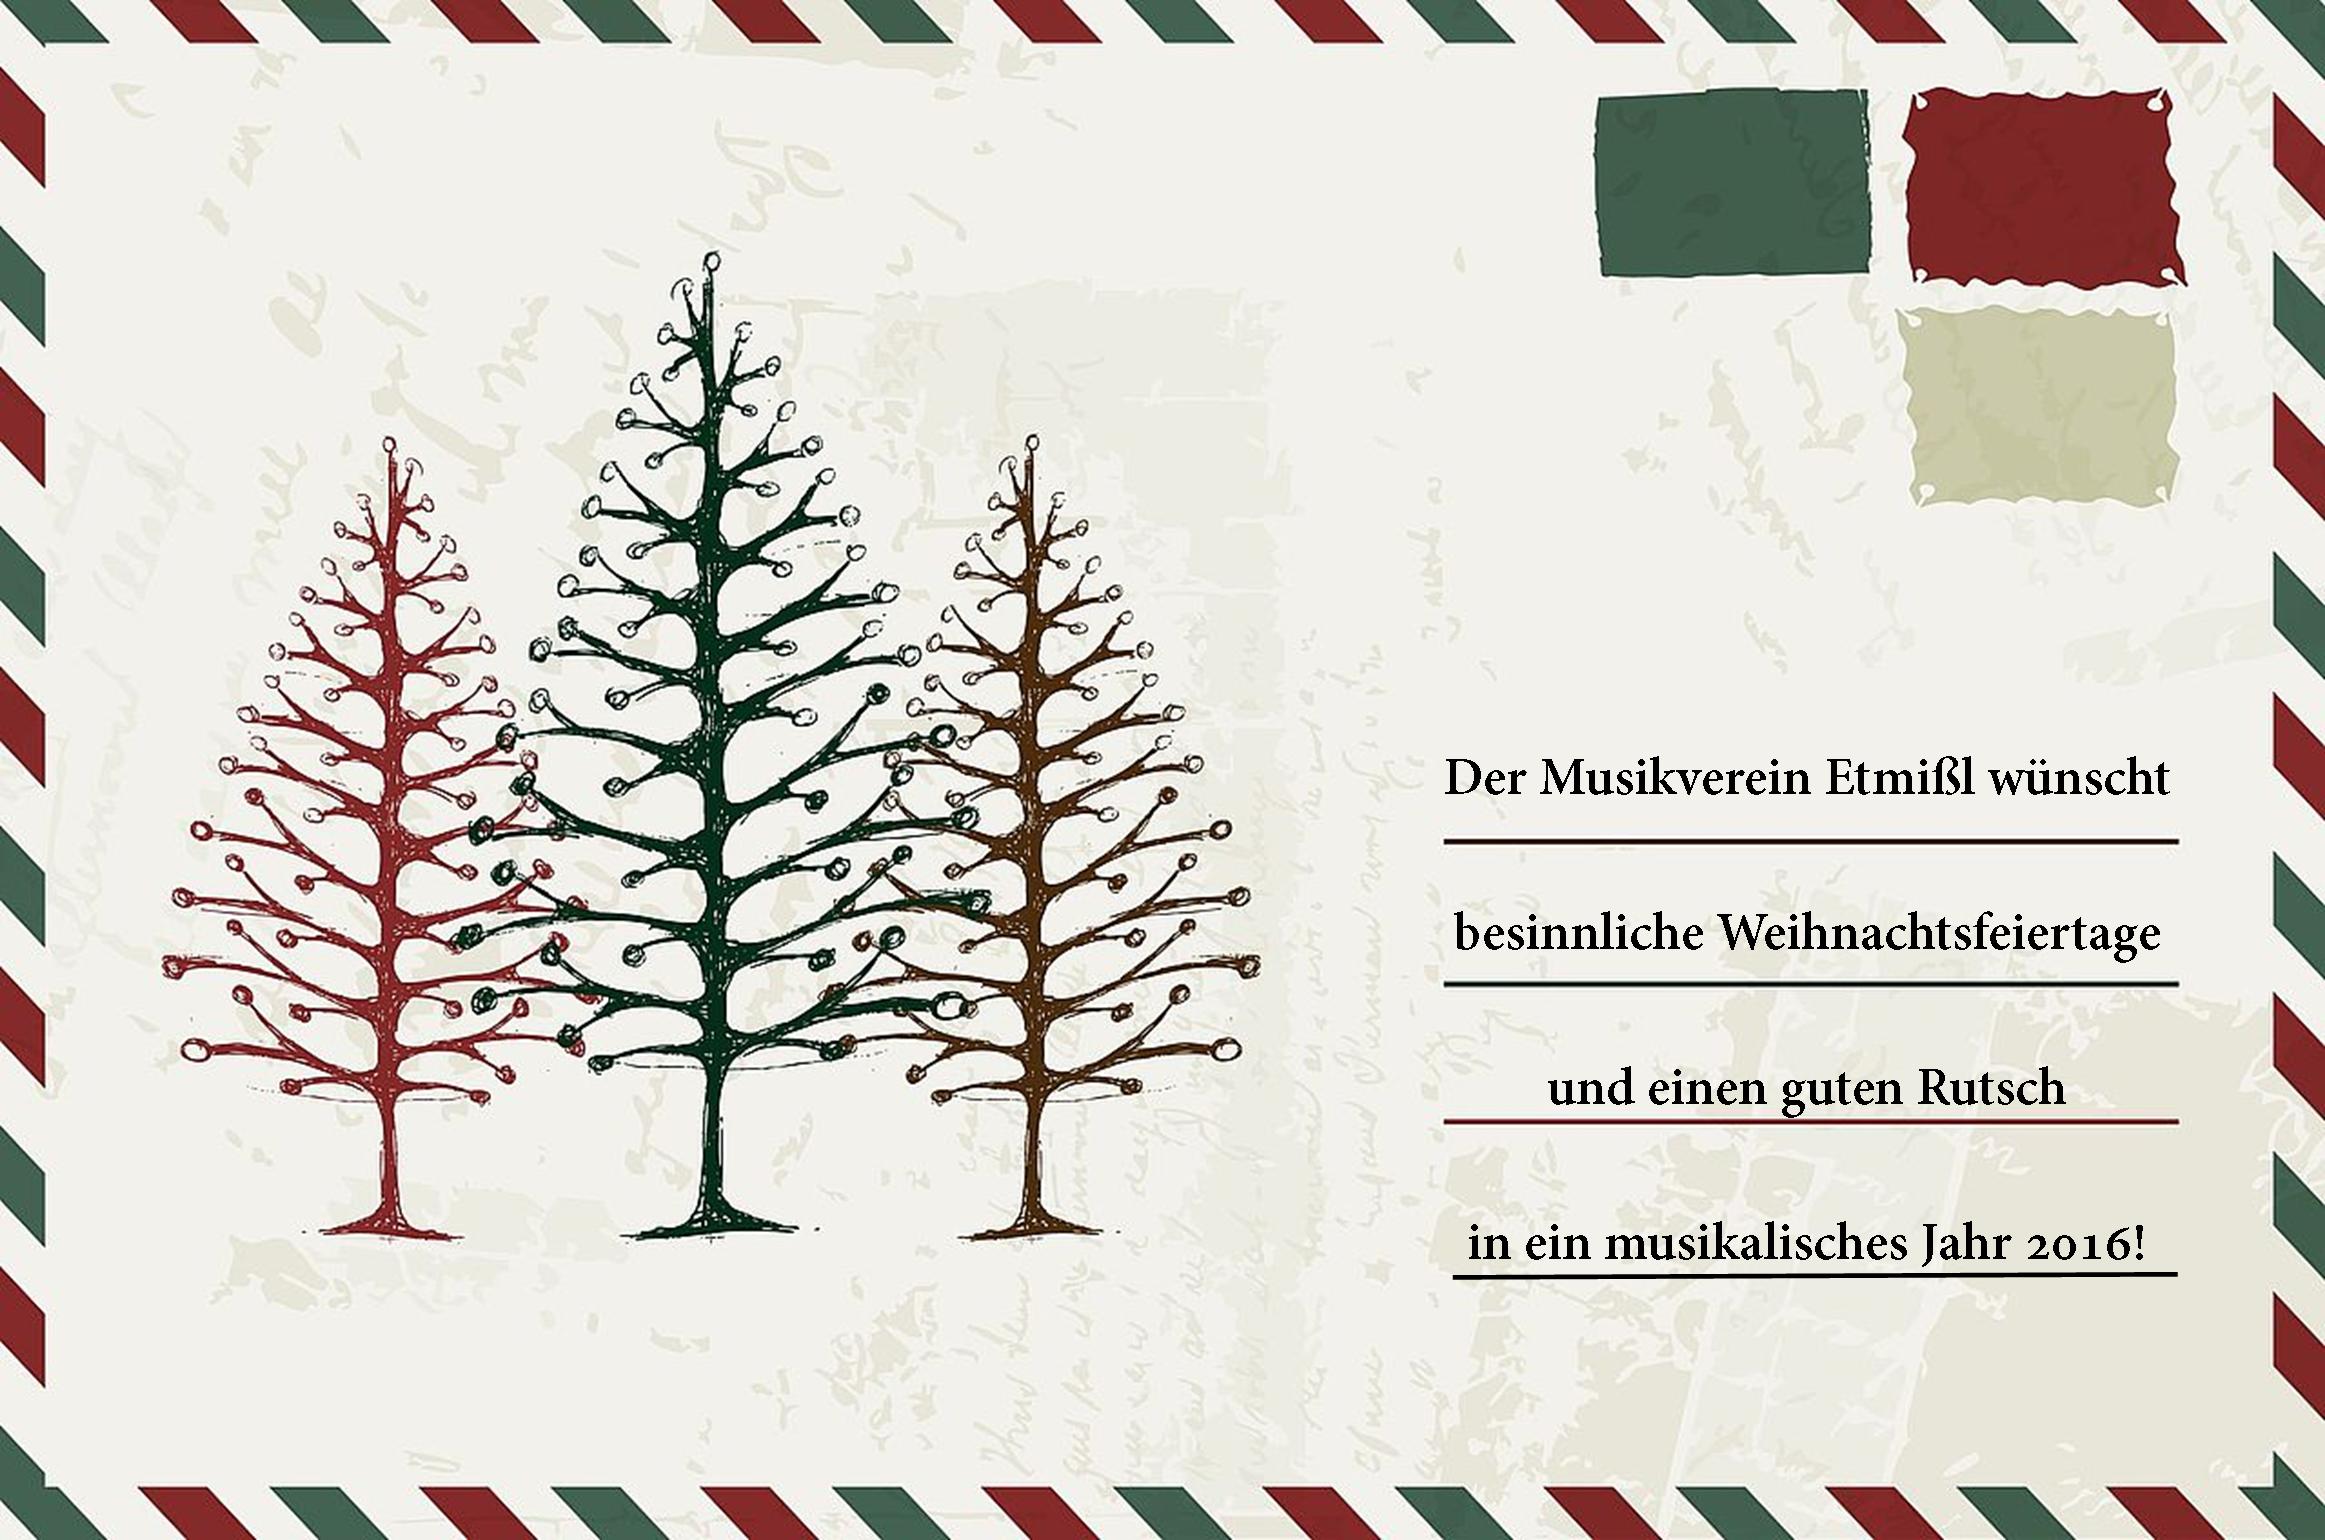 weihnachtsw nsche vom musikverein etmi l musikverein etmi l. Black Bedroom Furniture Sets. Home Design Ideas